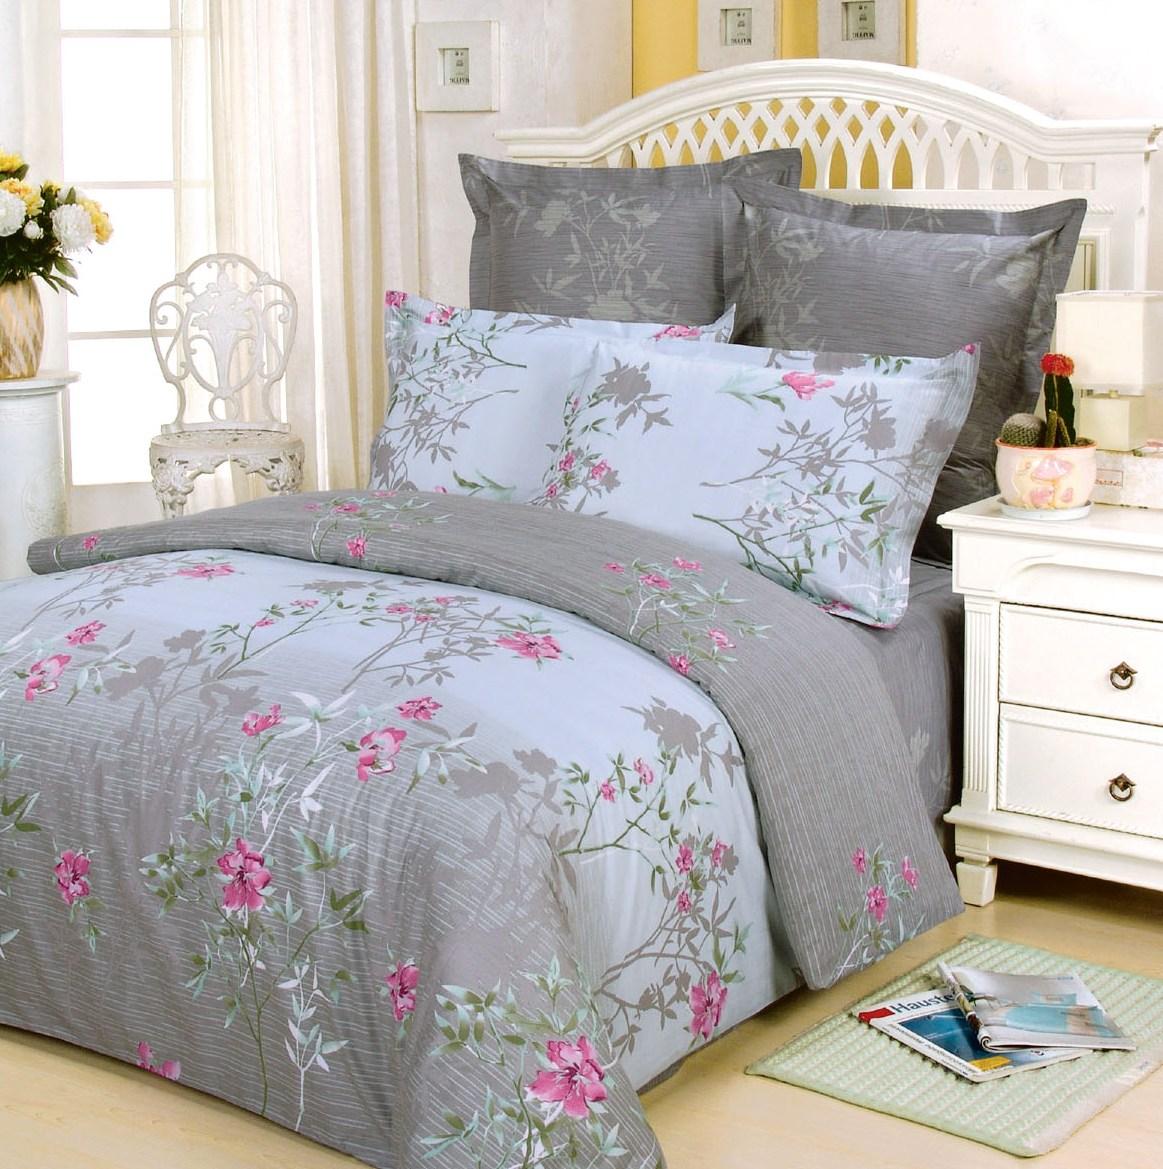 Купить Комплекты постельного белья СайлиД, Постельное белье Jenna B-31 (2 сп. евро), Китай, Голубой, Серый, Хлопковый сатин